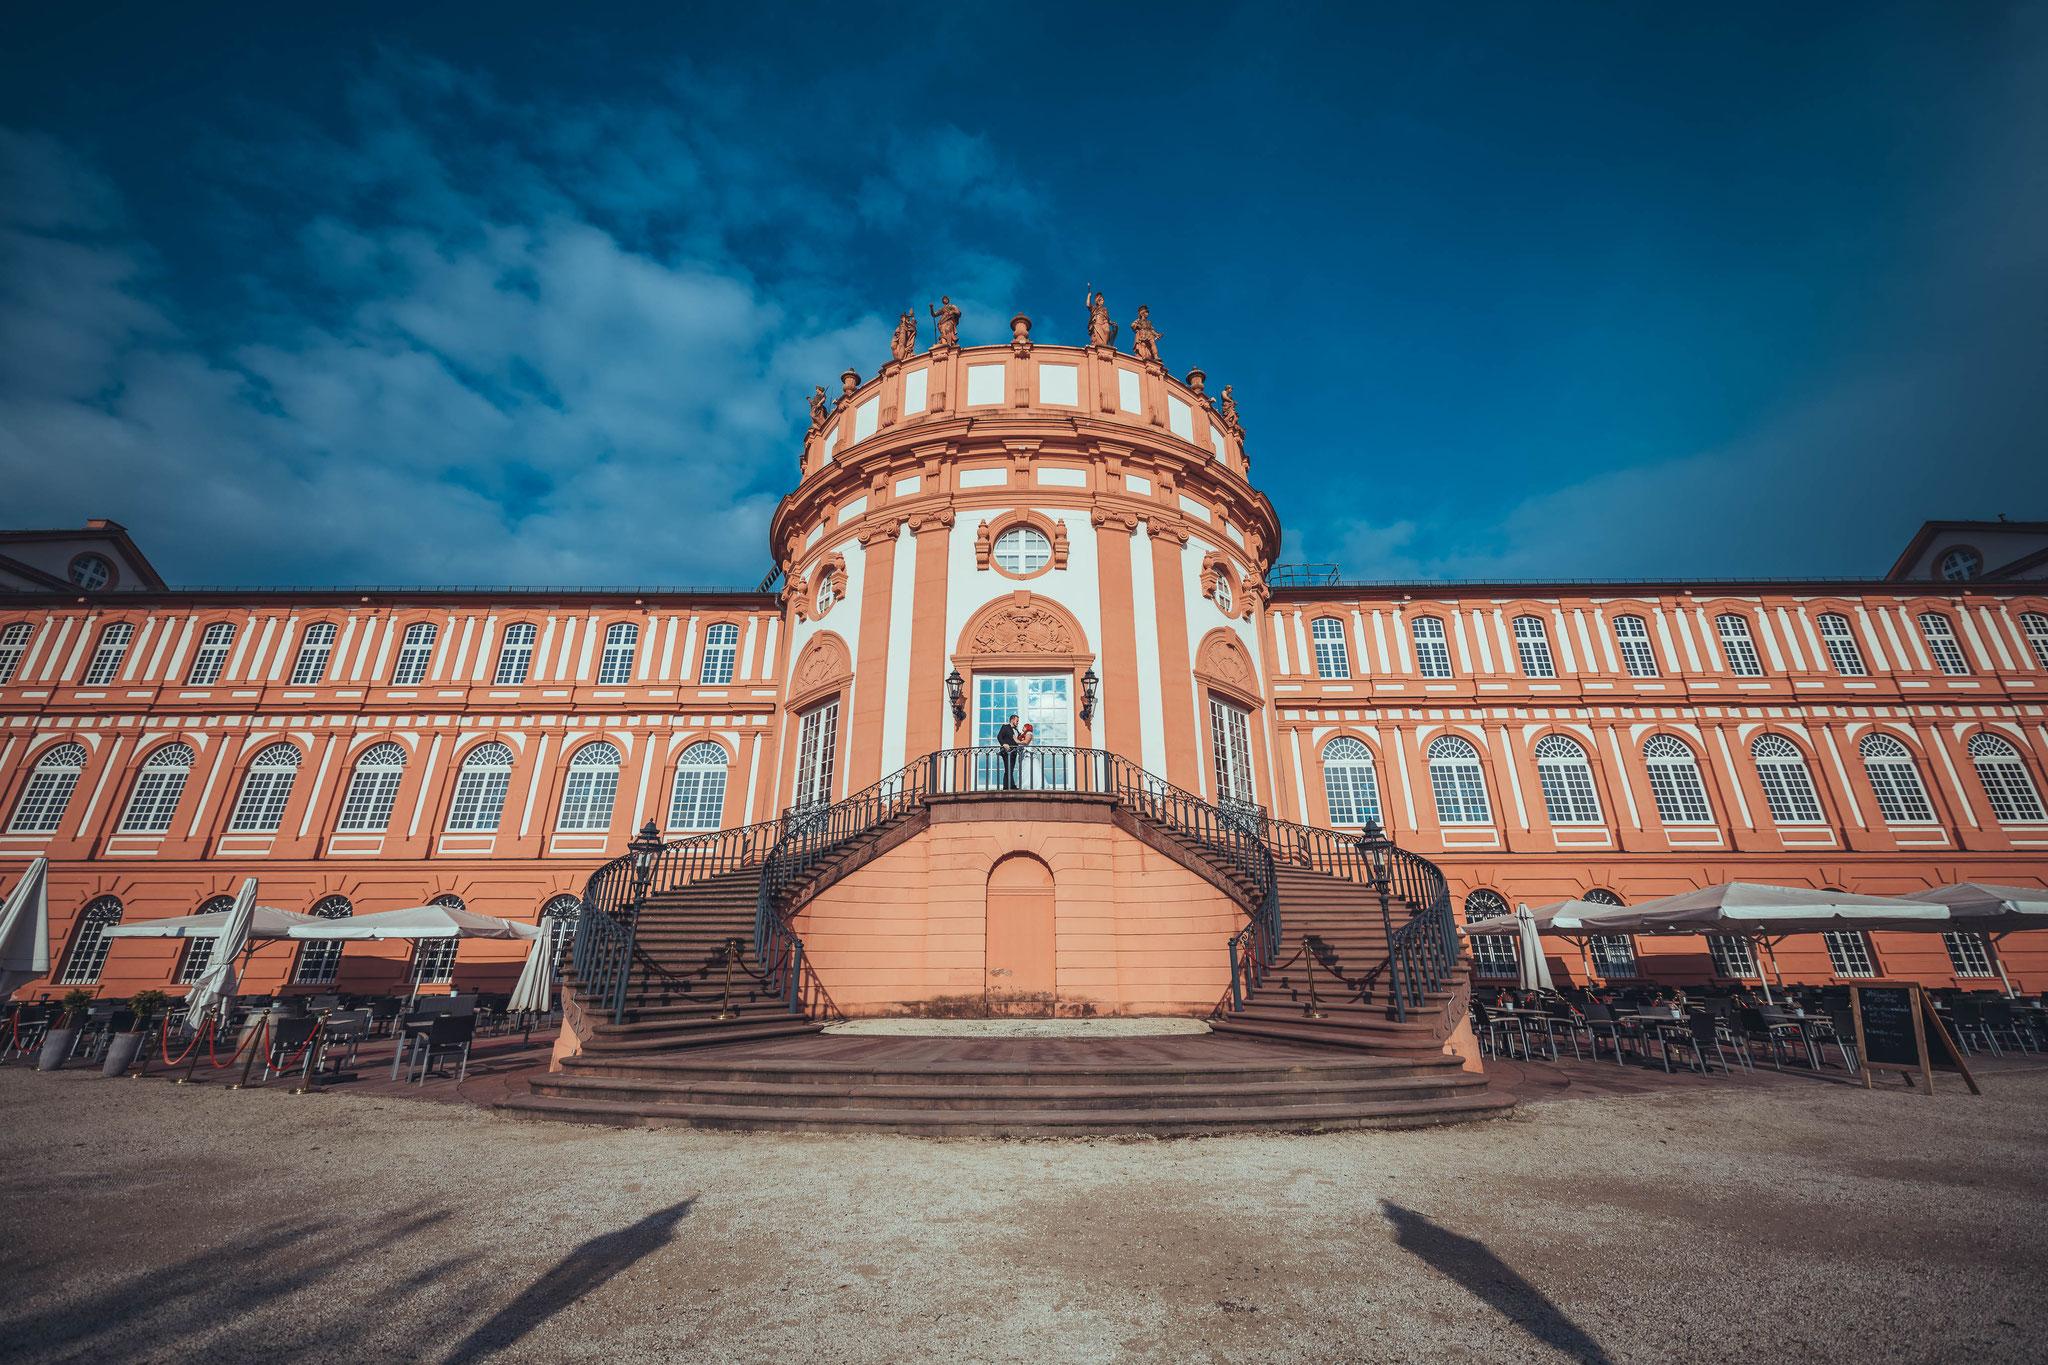 Fotograf für Afterwedding Shooting in Wiesbaden am Schloss Biebrich